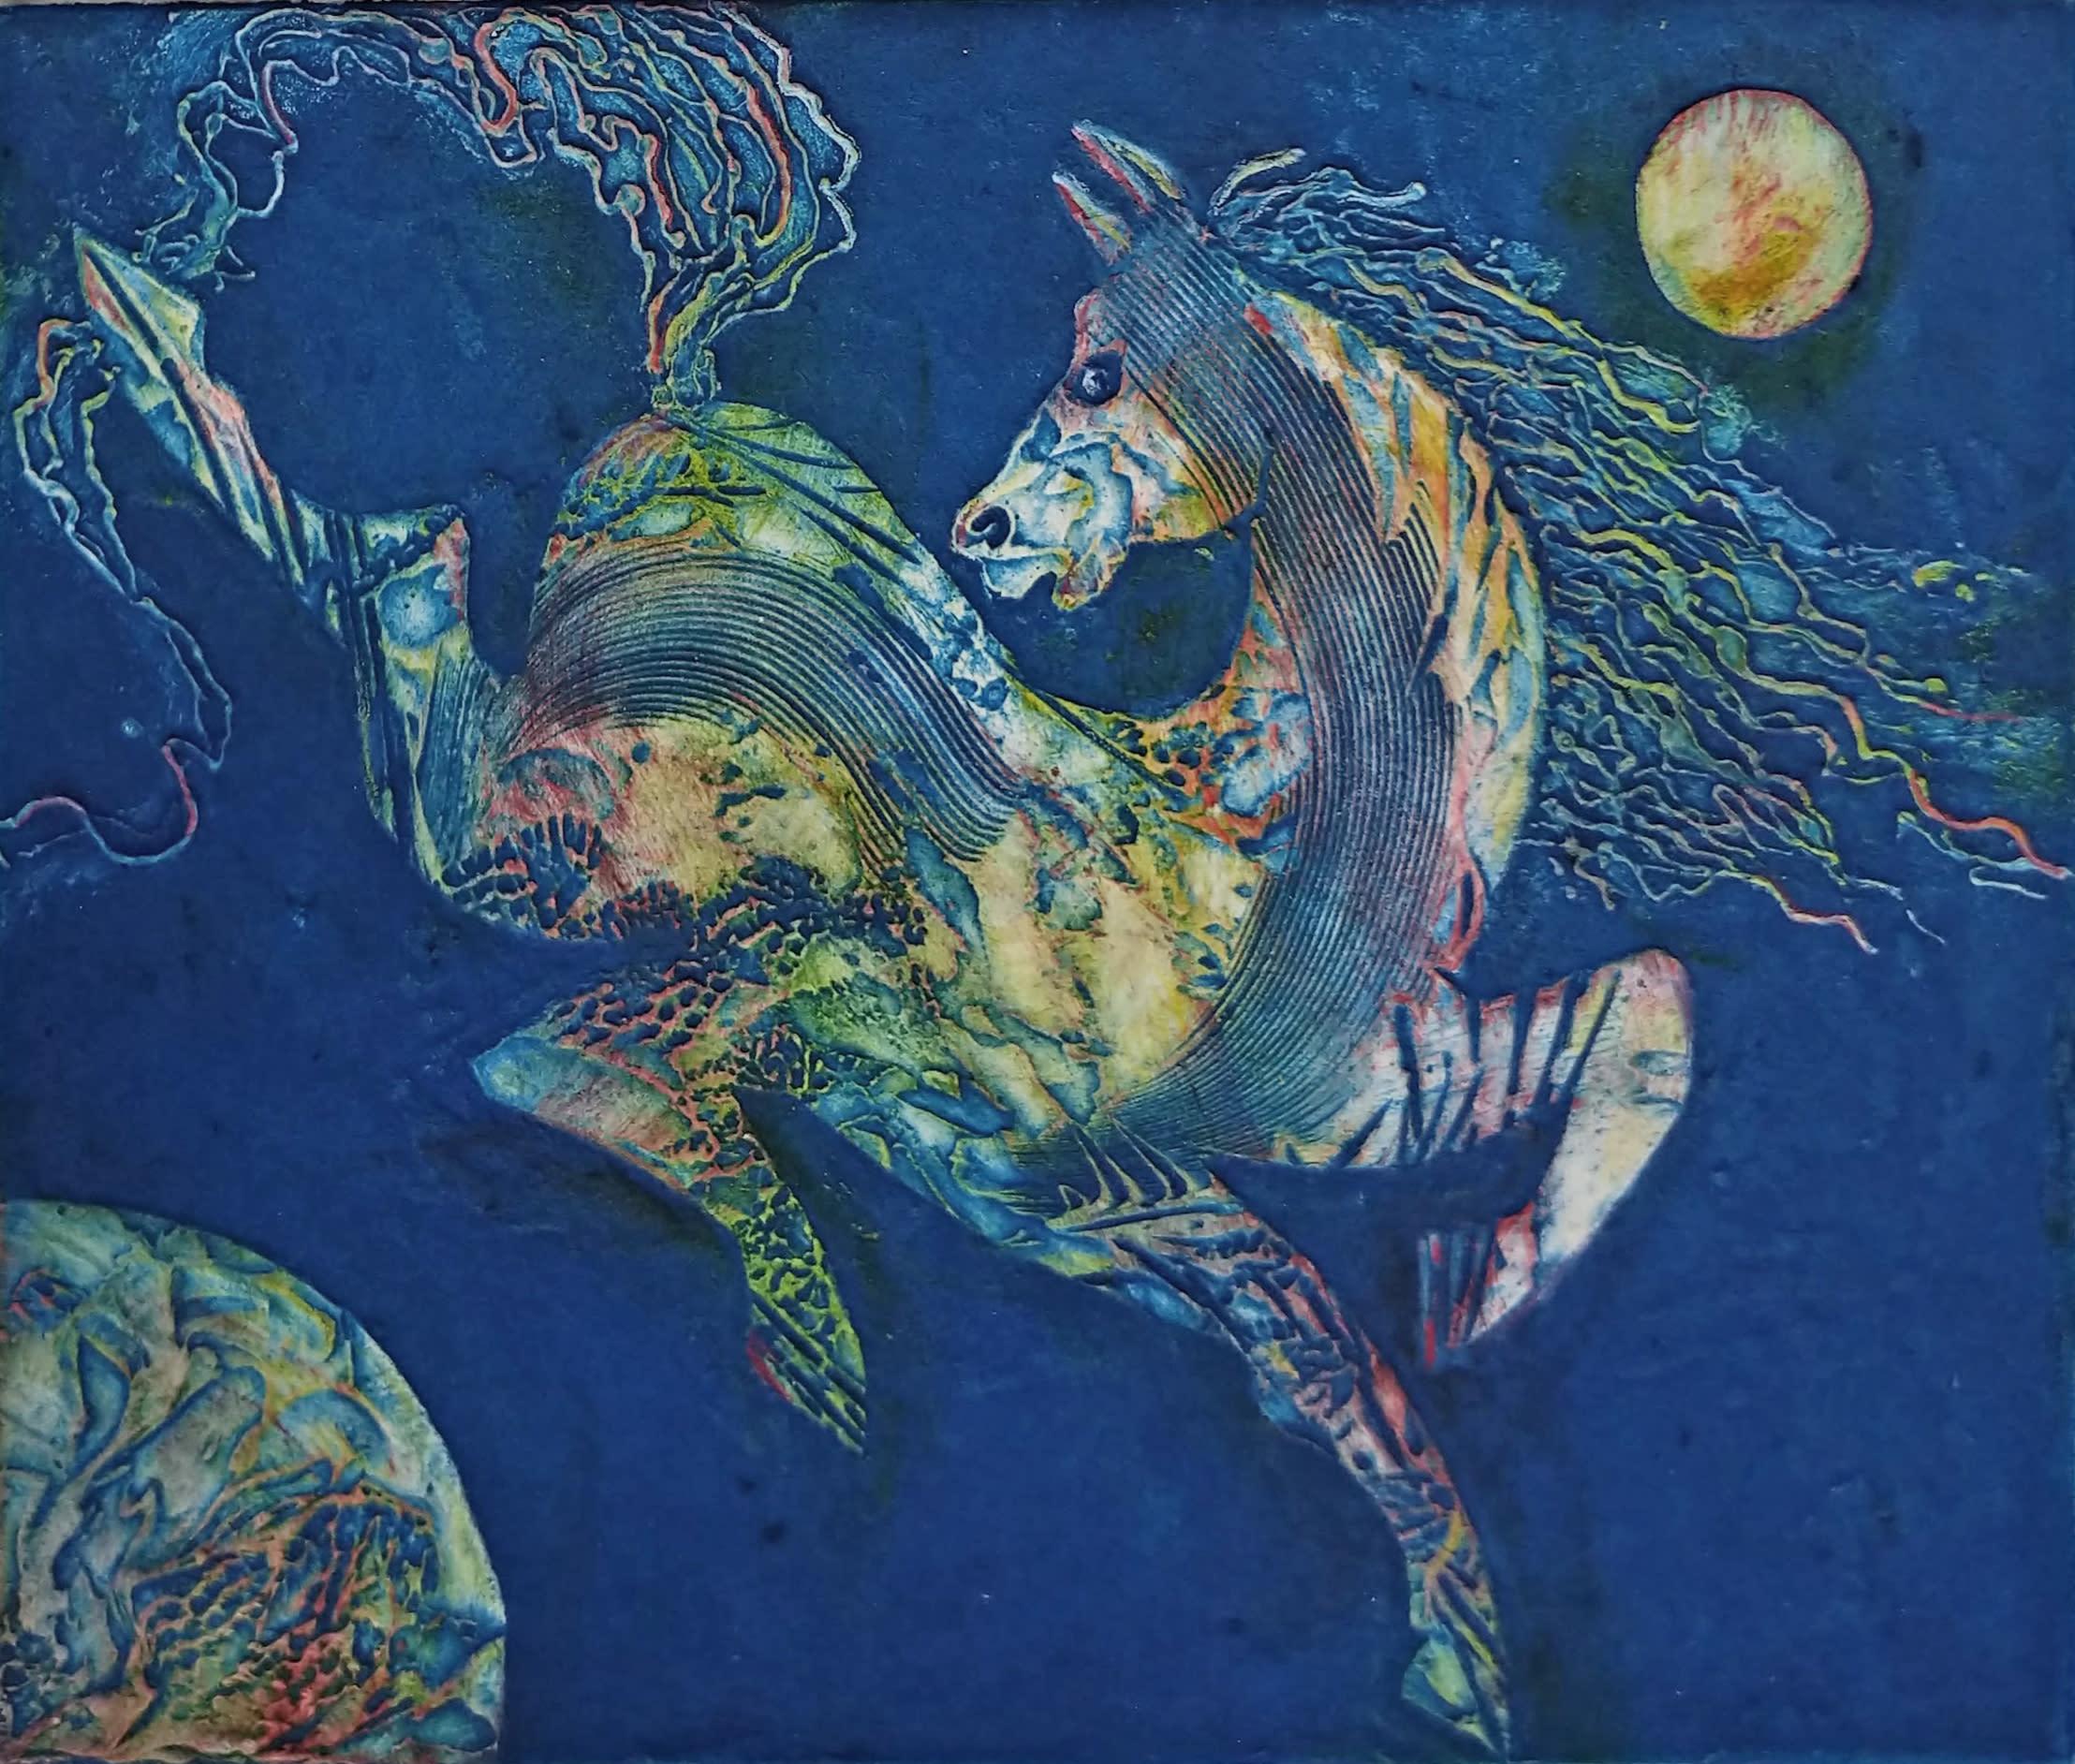 Blue green horse copy q64iks